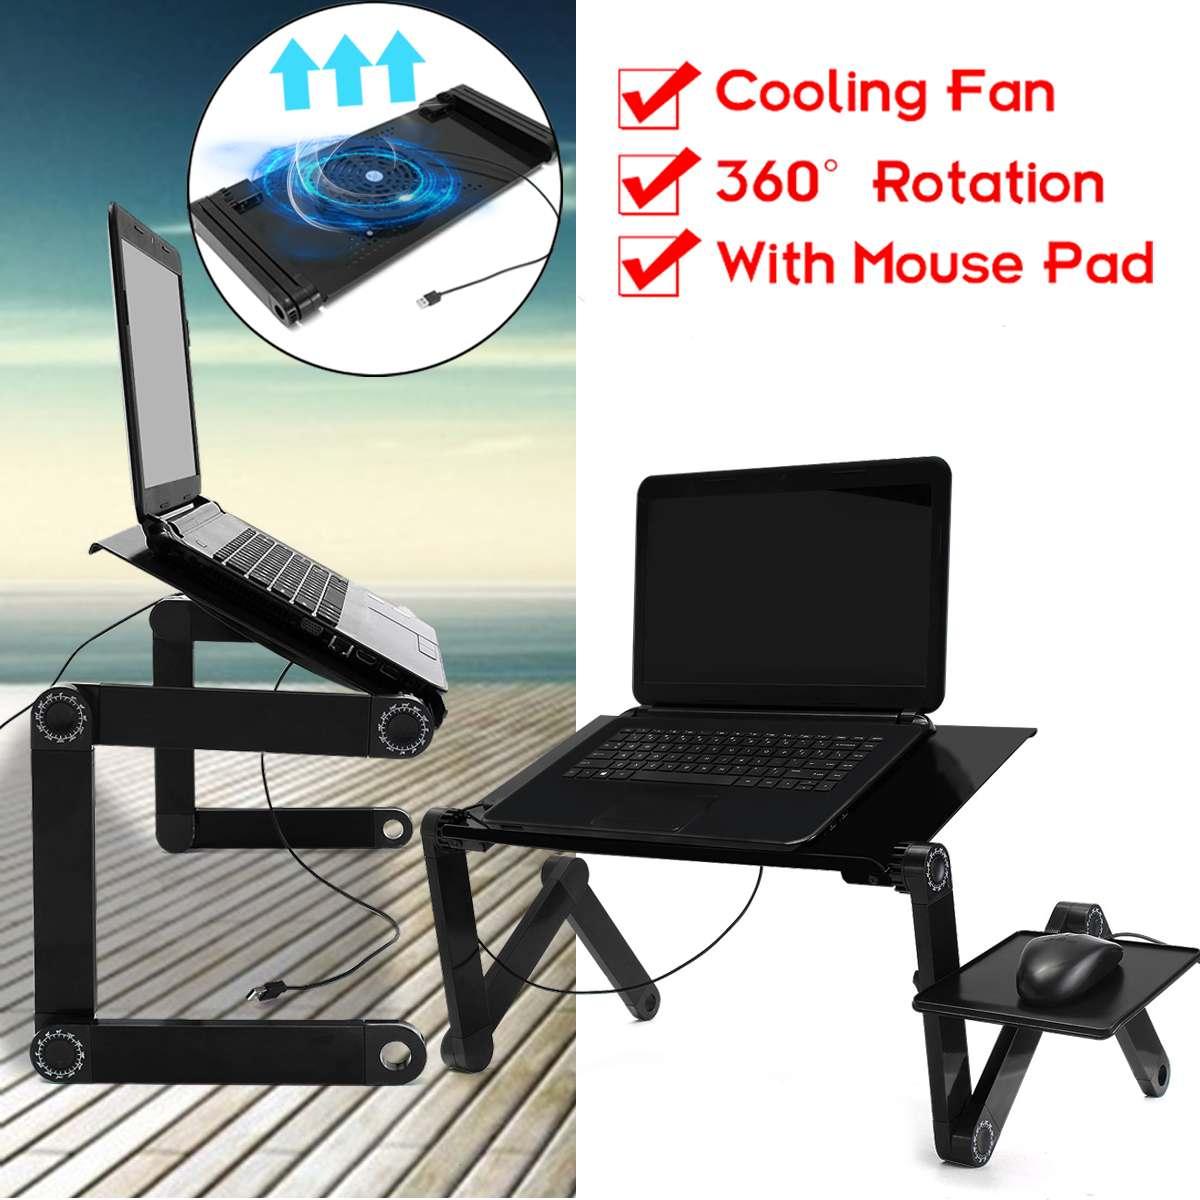 Multi-fonction Lapdesk nouveau bureau d'ordinateur portable Table support lit plateau ordinateur portable support en Aluminium avec tapis de souris refroidisseur USB